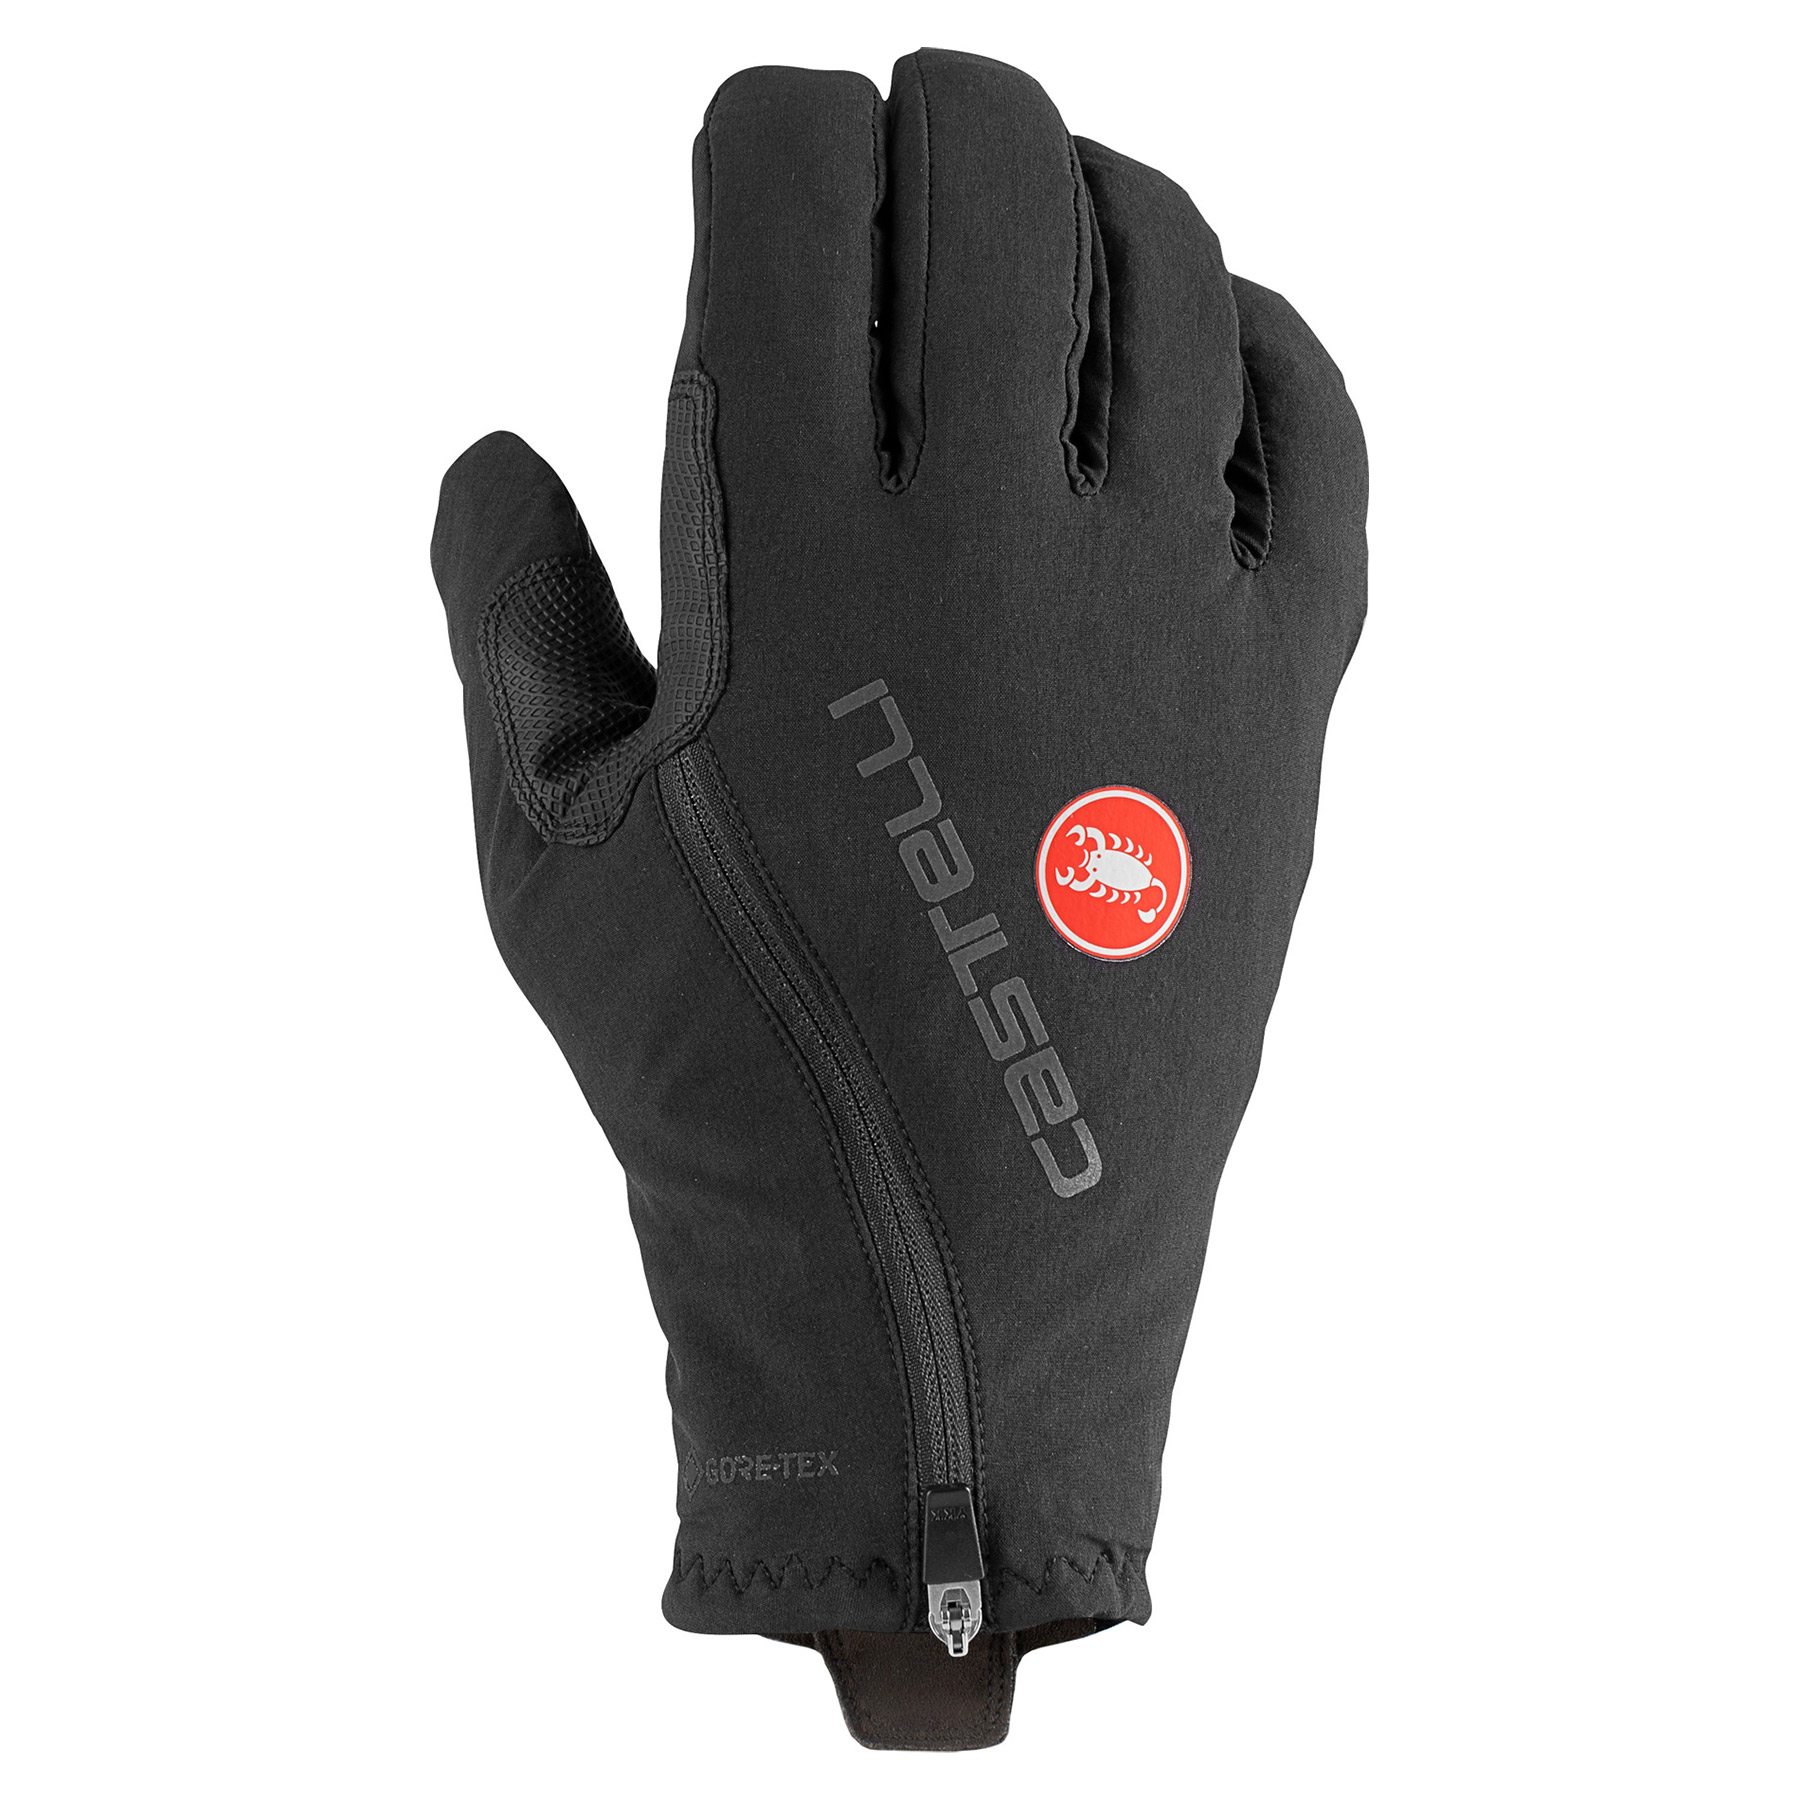 Produktbild von Castelli Espresso GT Handschuhe - black 010